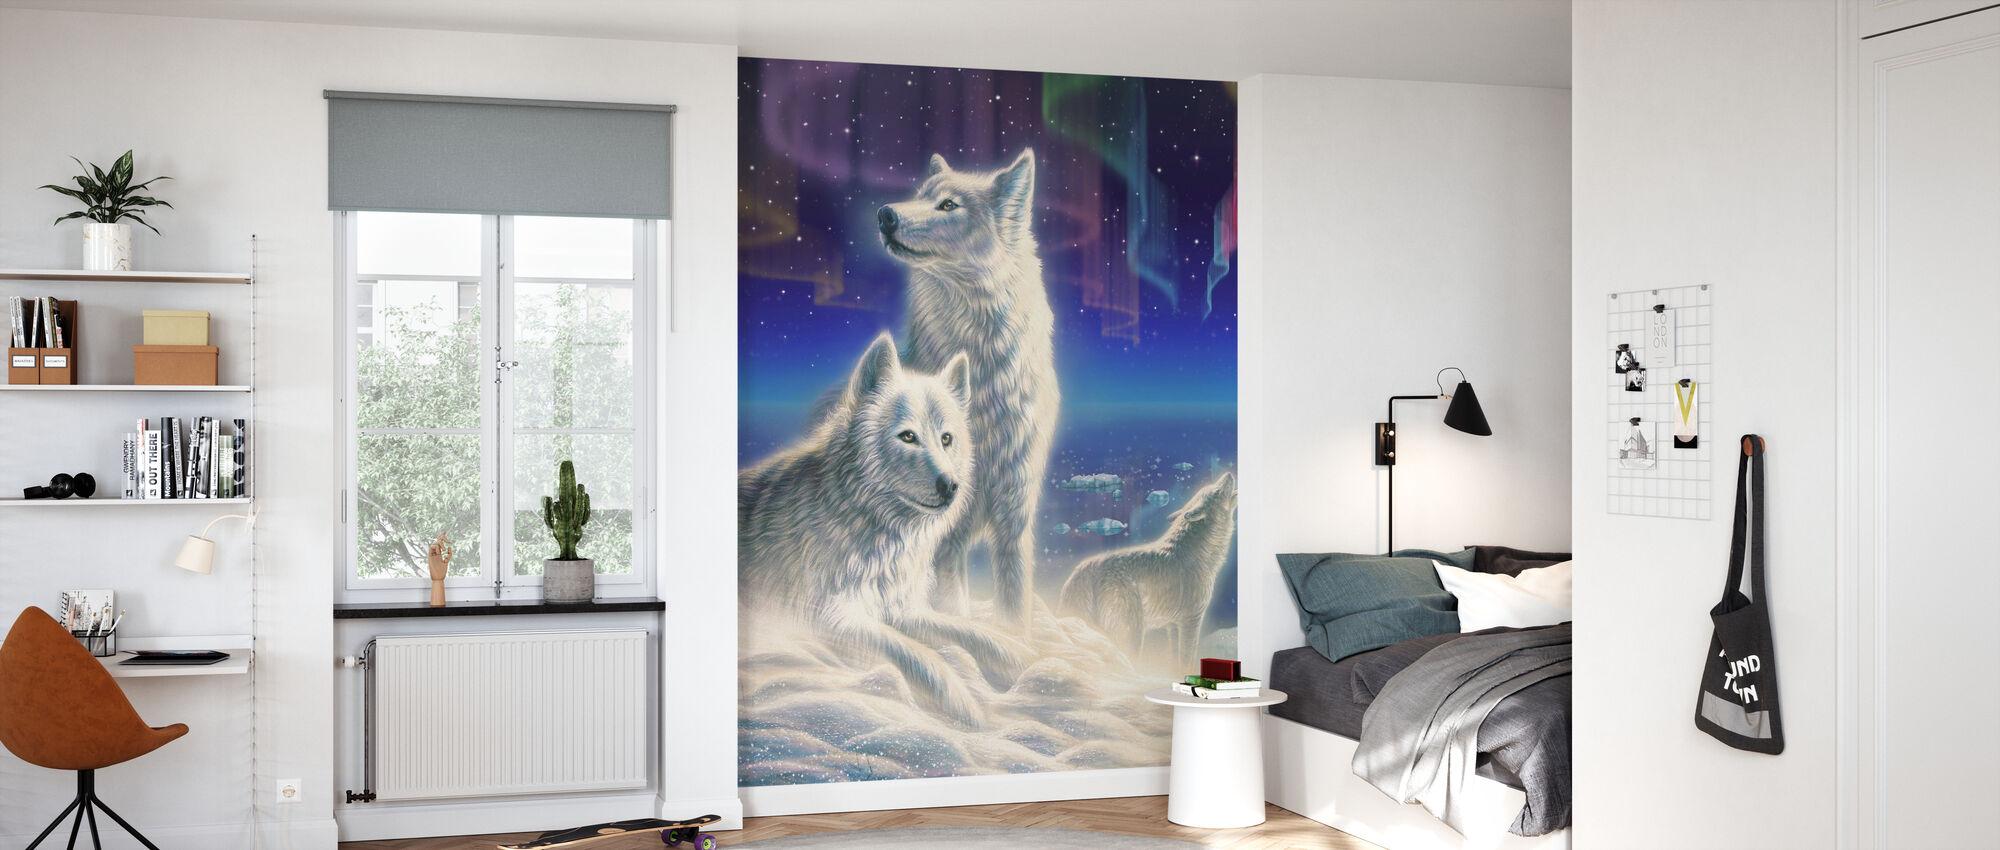 Artic Wolves - Wallpaper - Kids Room